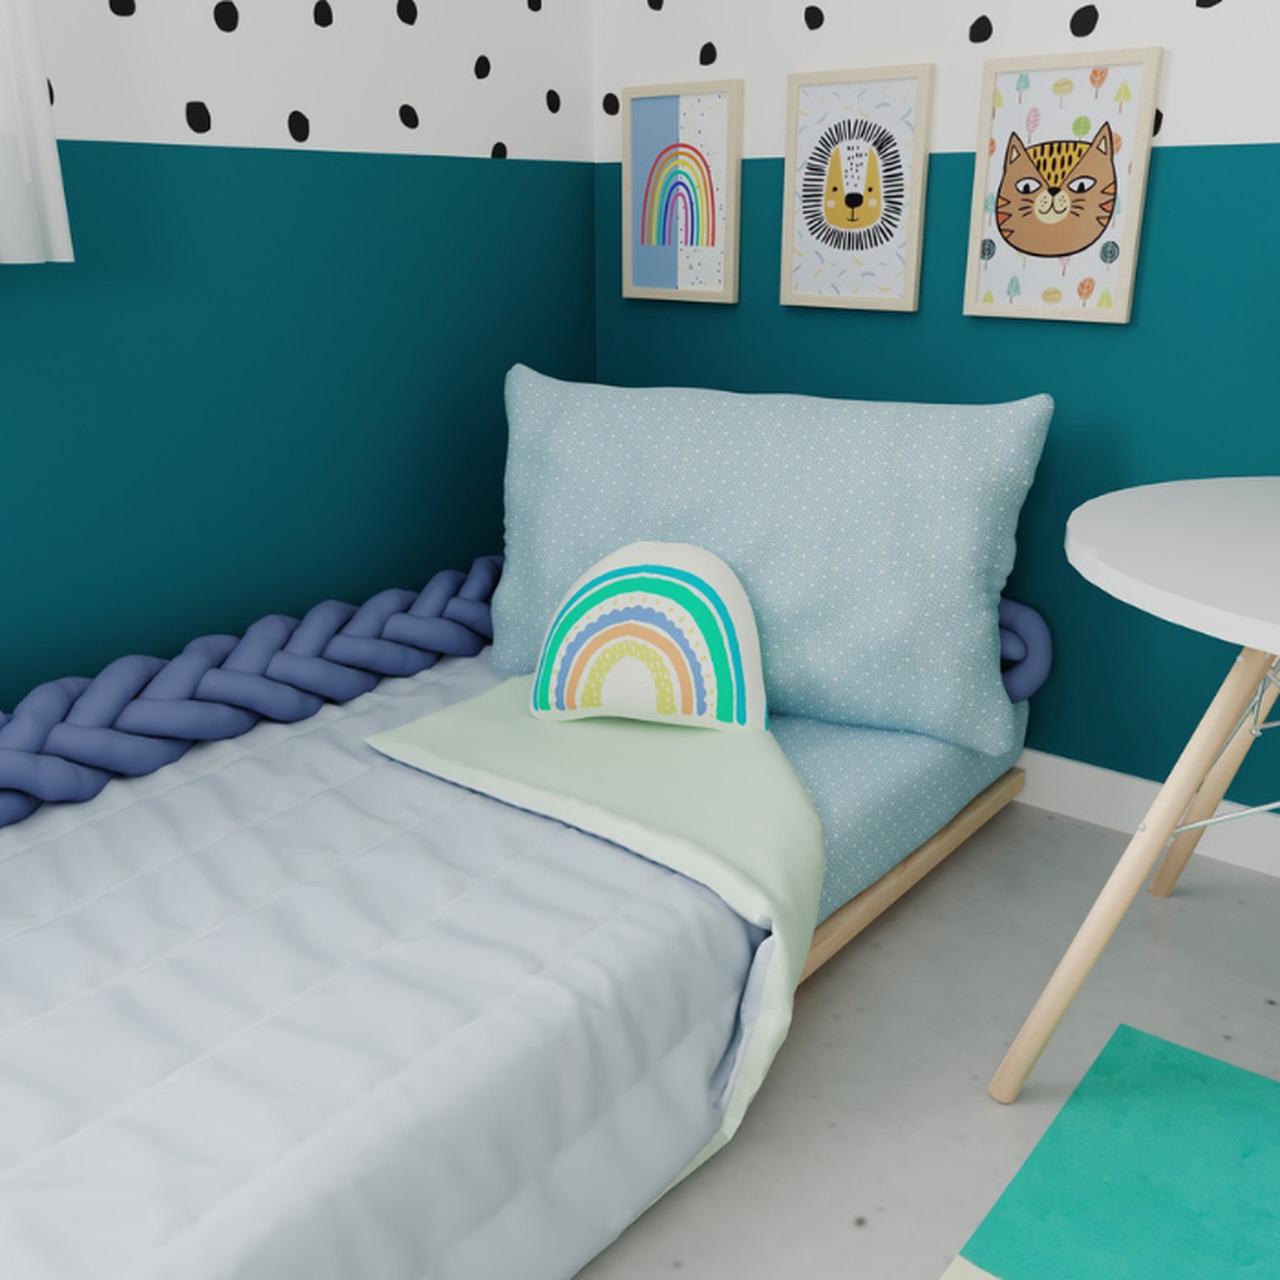 Edredom mini cama dupla face 100% algodão azul com verde